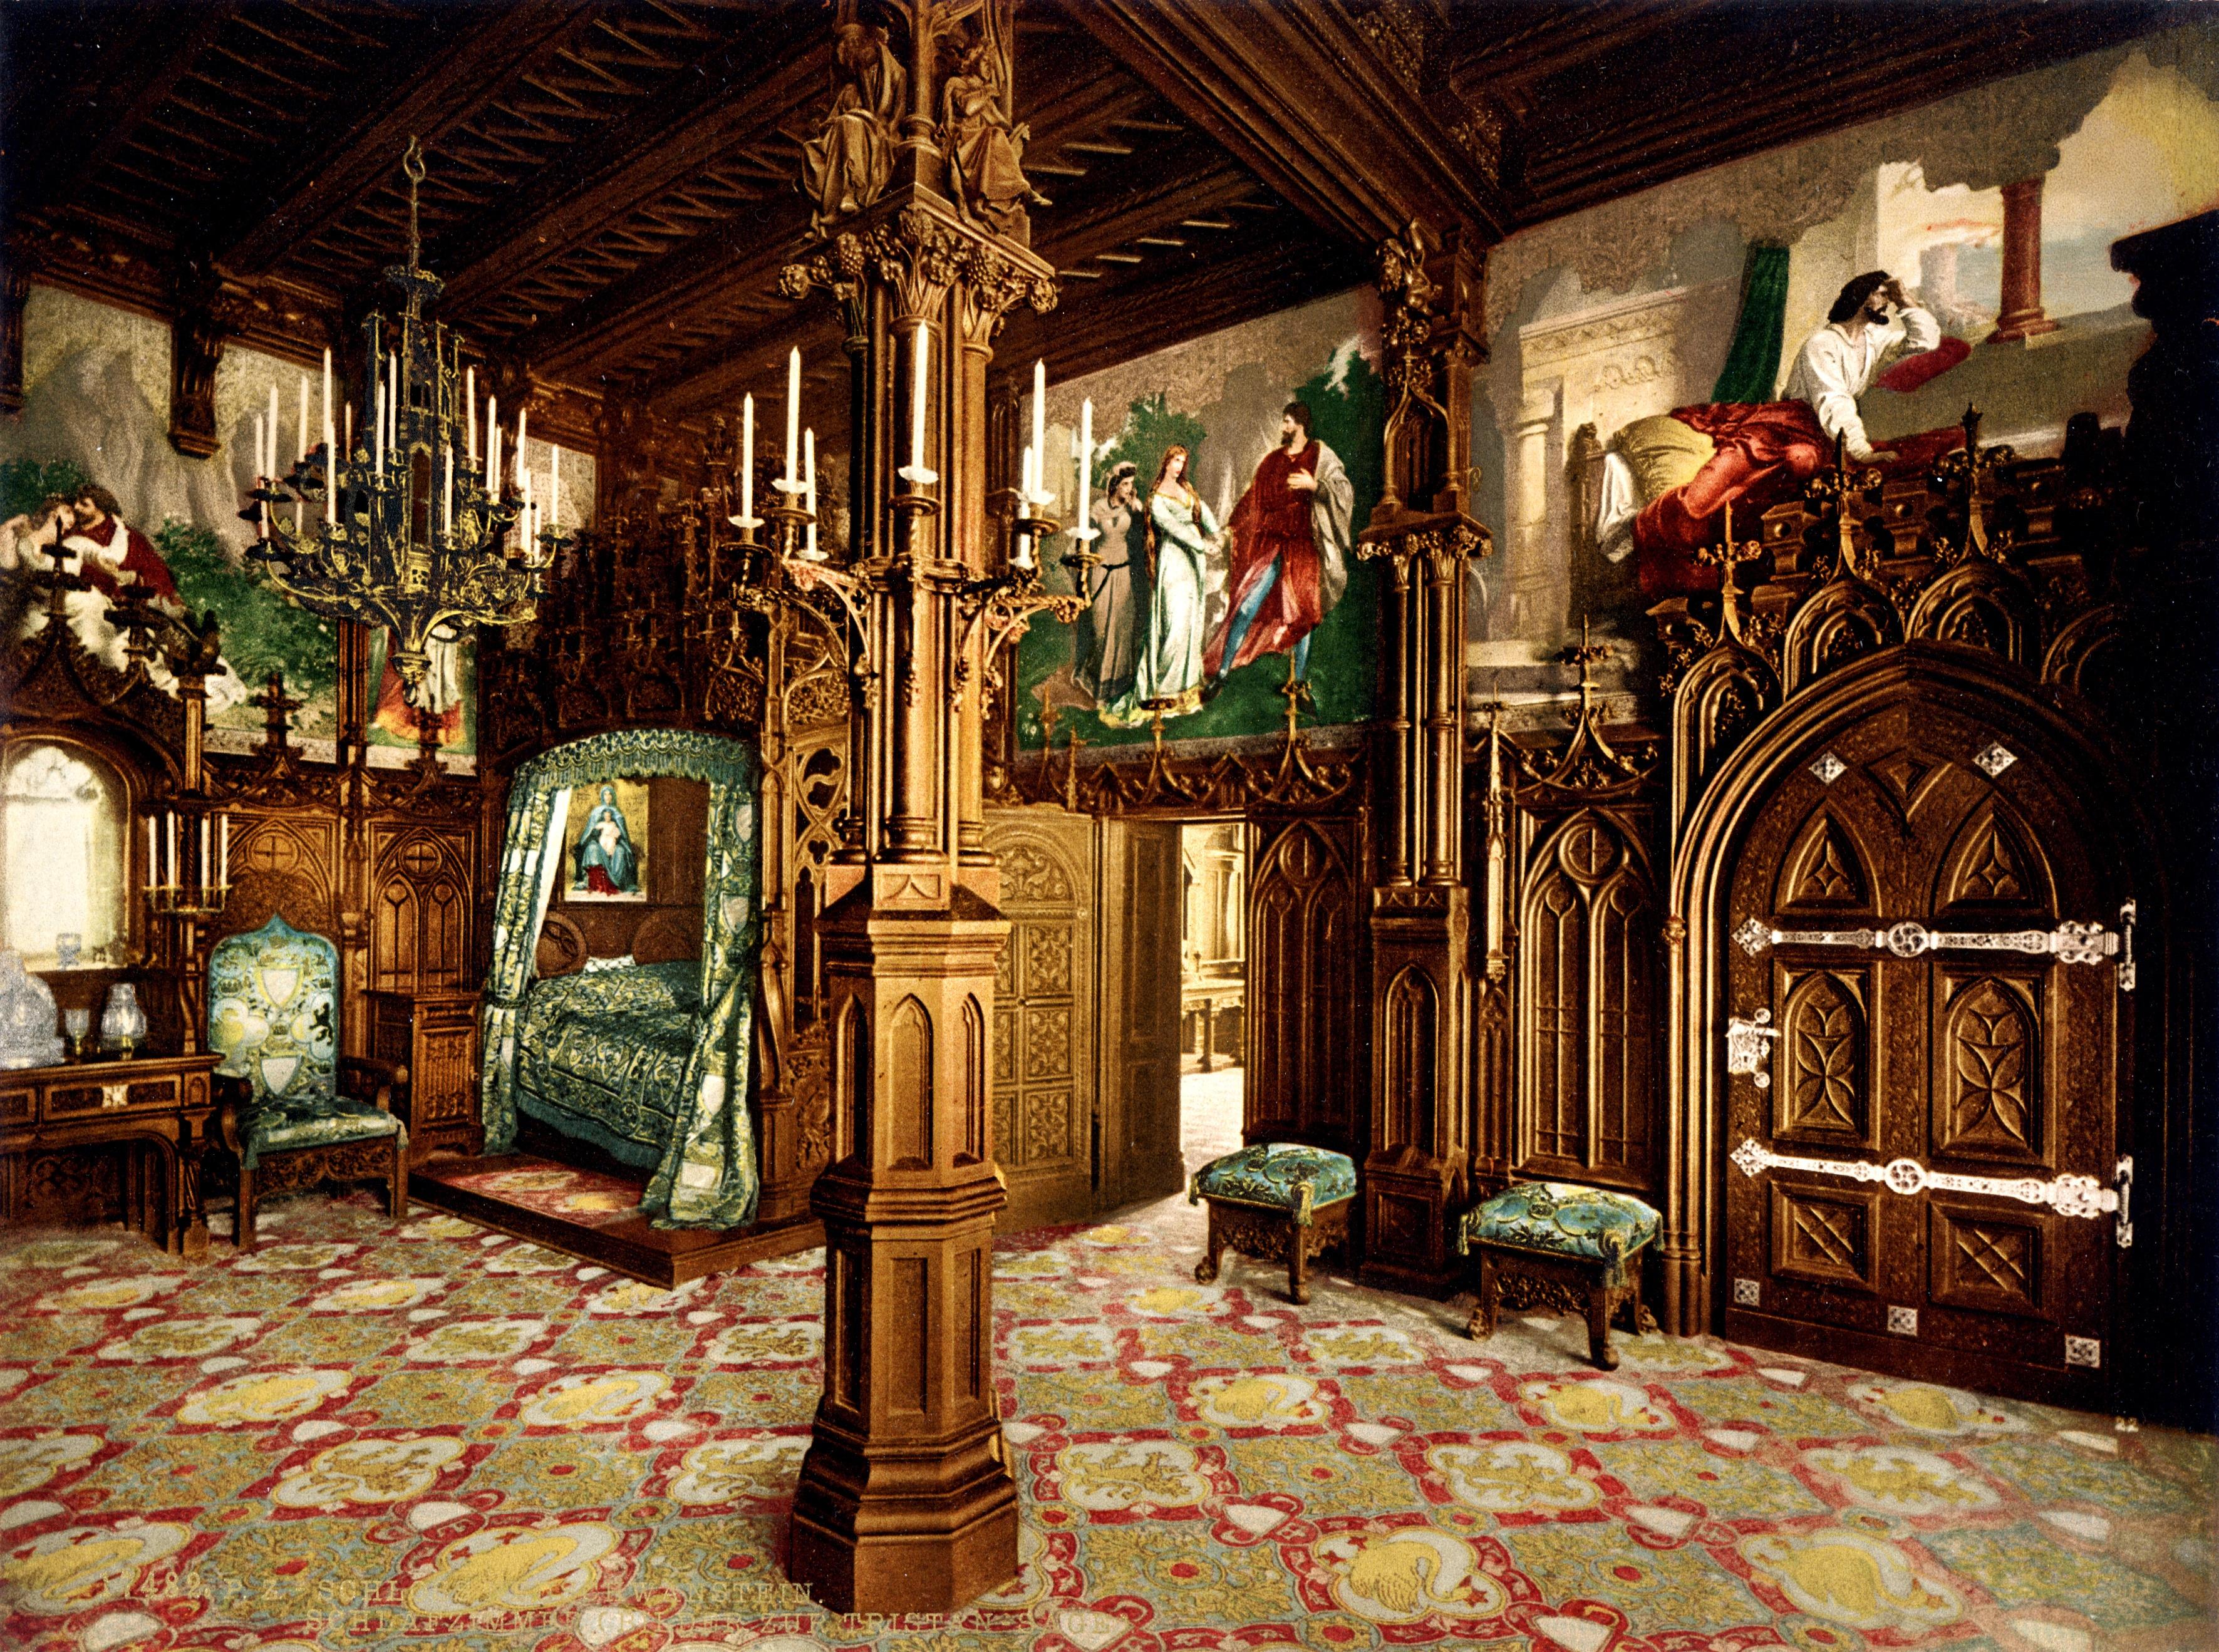 фото старинных замков мира изнутри будет очень